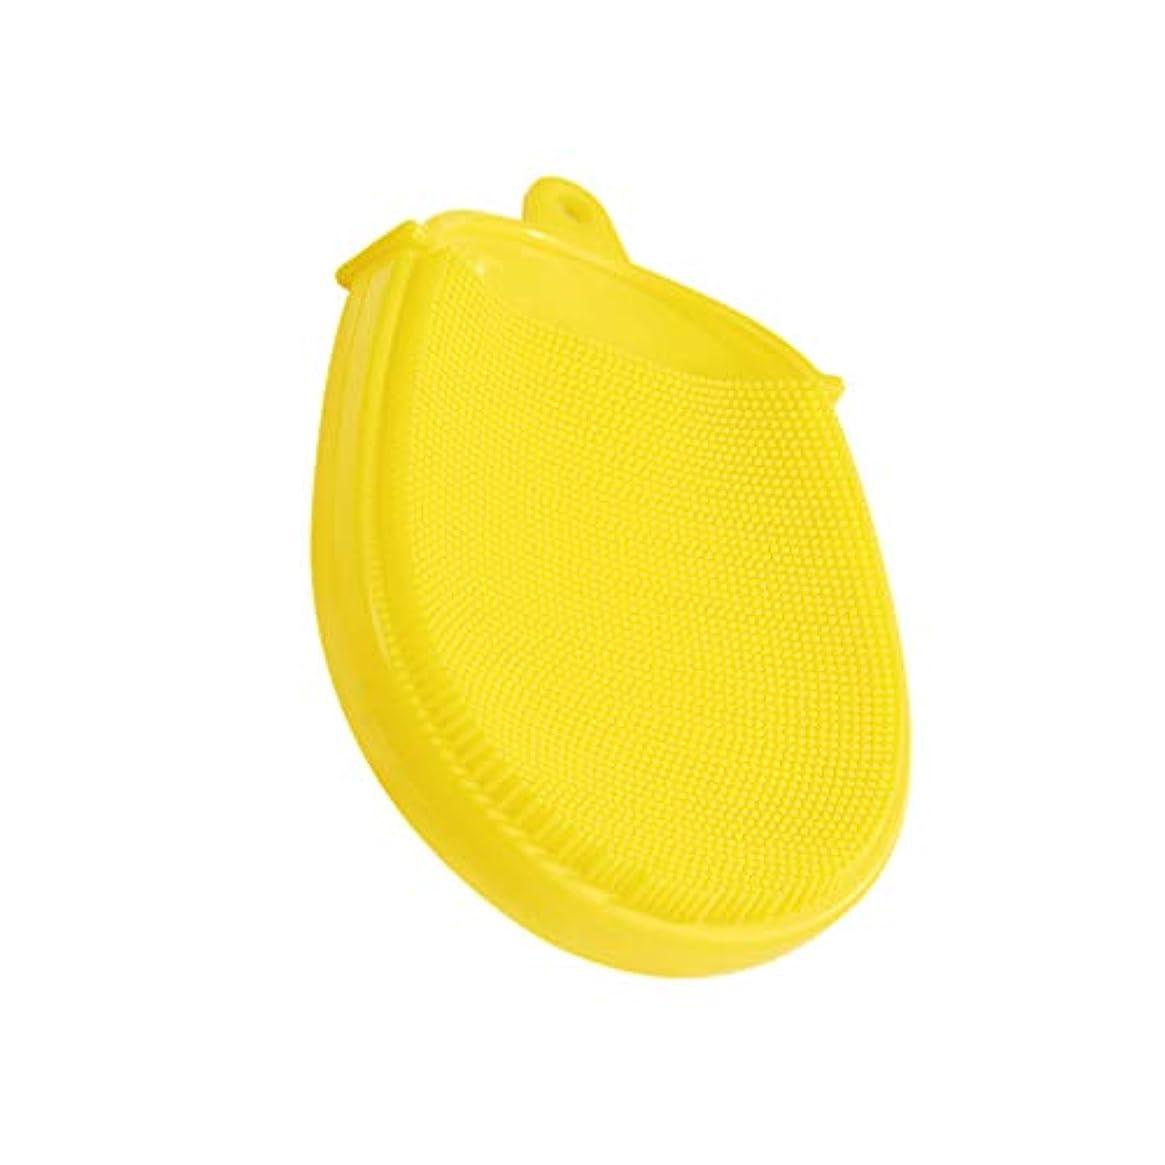 ヘリコプター鈍いアナウンサーHeallily バスブラシシリコンボディブラシソフトマッサージバックブラシクレンジングスクラバーキッズバスアクセサリー(黄色)